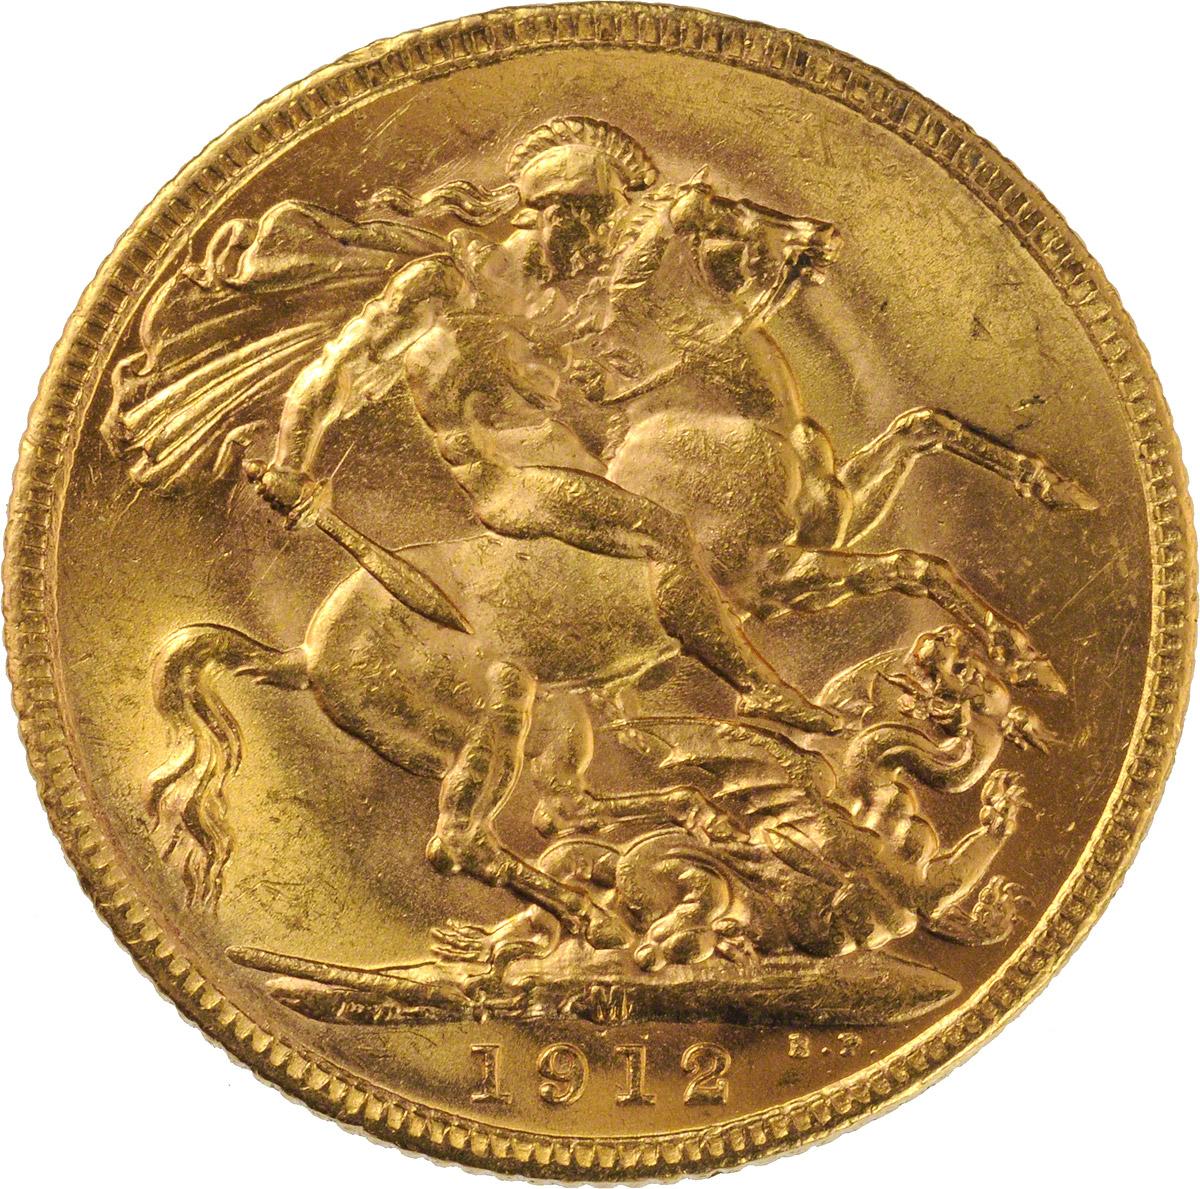 1912 Γεώργιος Ε' (Νομισματοκοπείο Μελβούρνης)